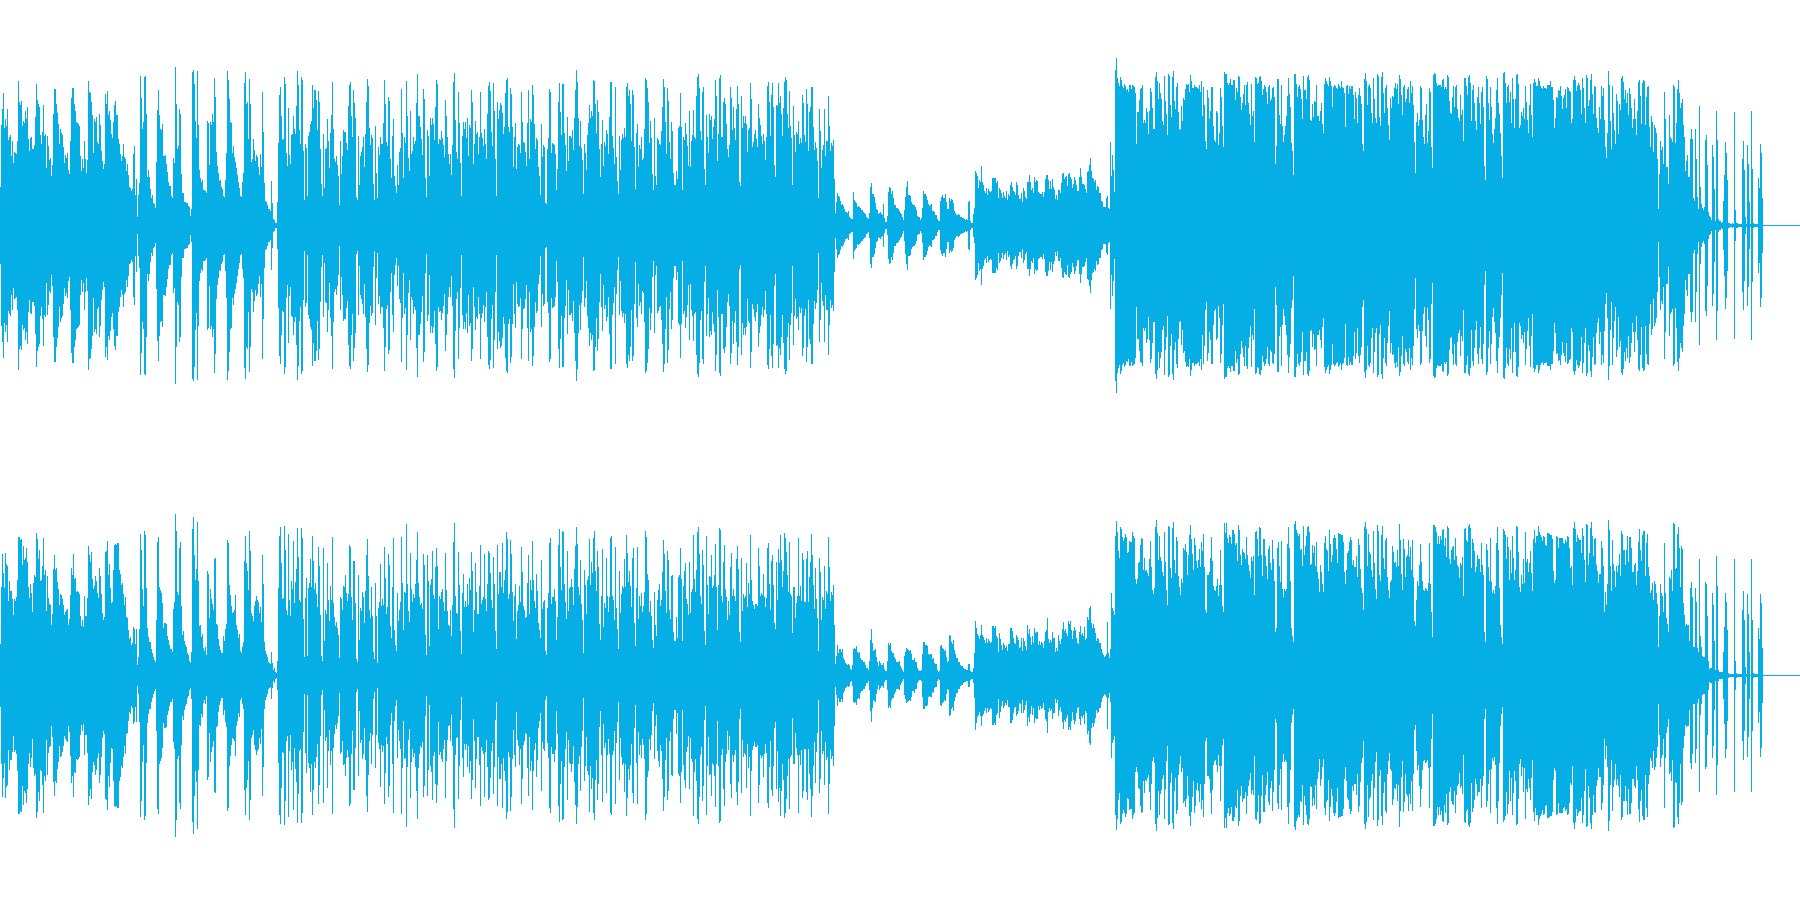 ローファイヒップホップ Lofiの再生済みの波形